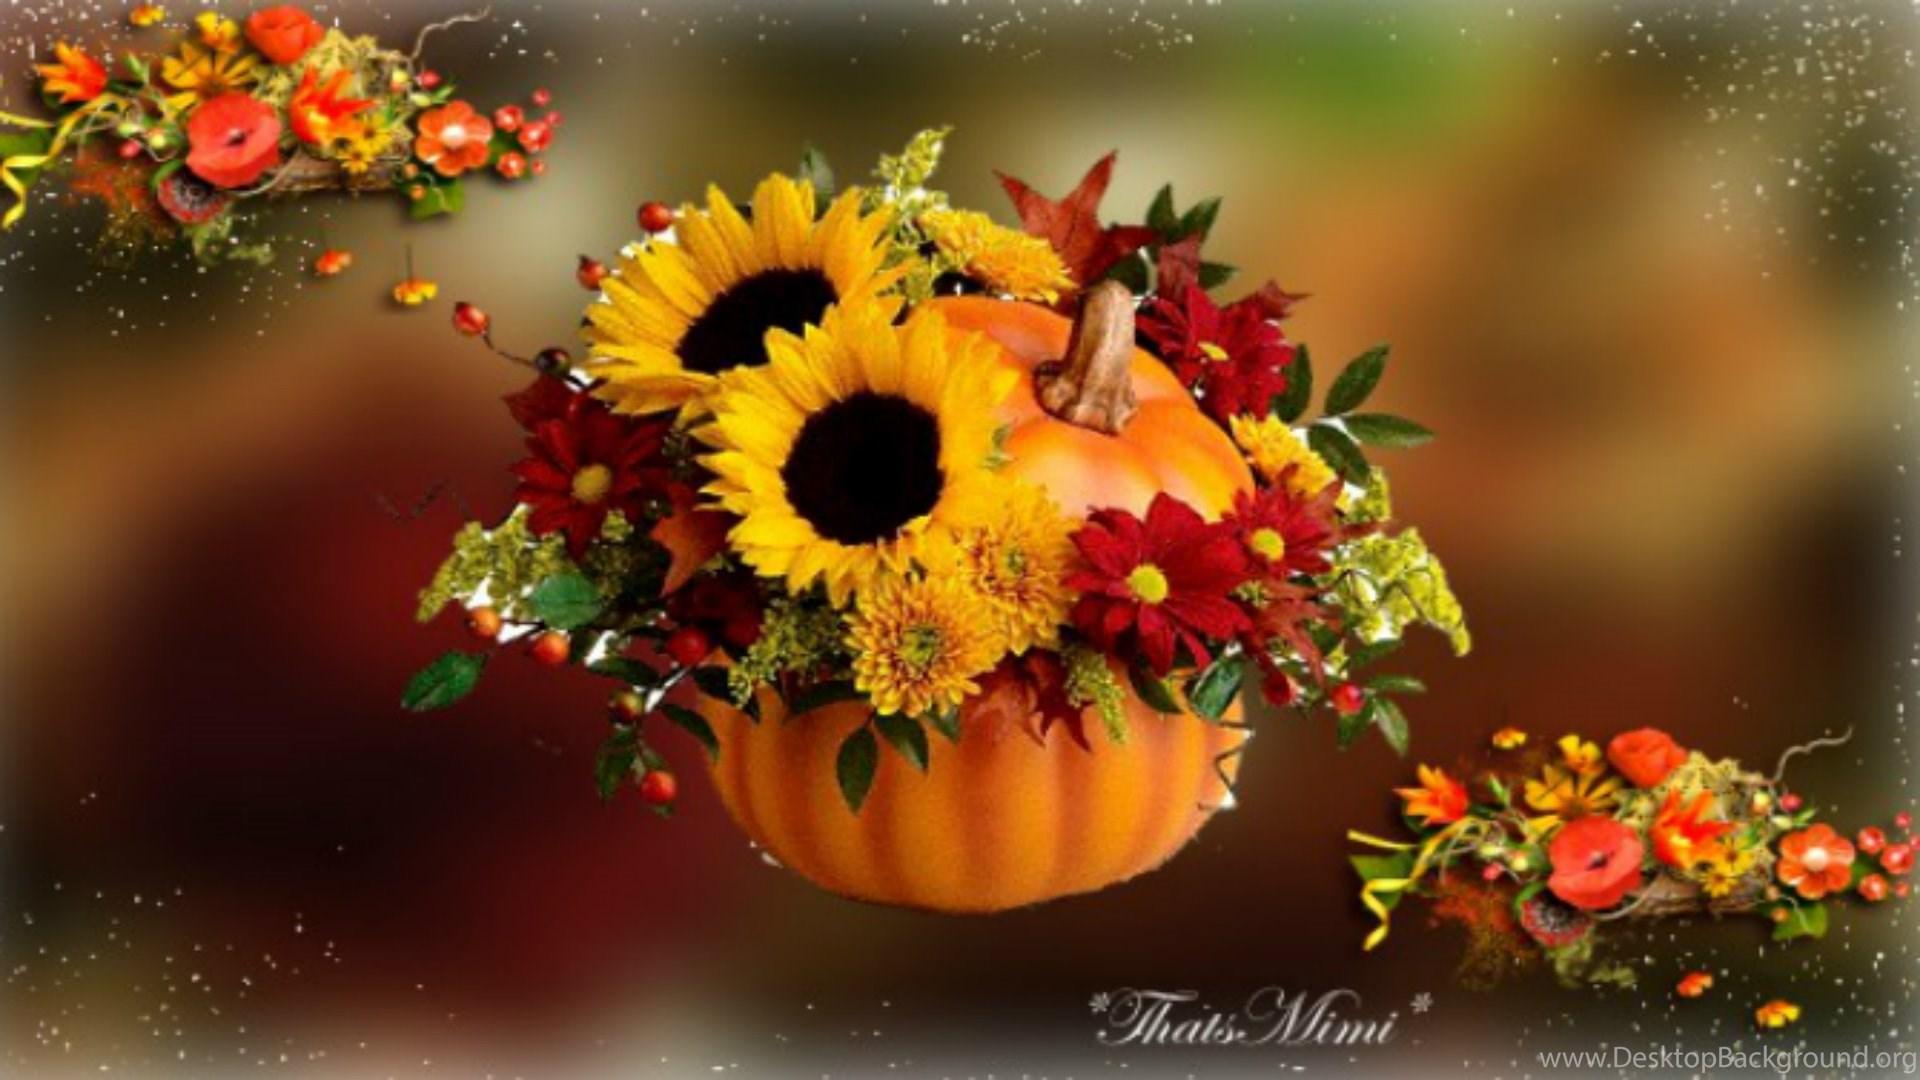 Fall flowers wallpapers celebrate autumn fall pumpkin - Pumpkin wallpaper fall ...